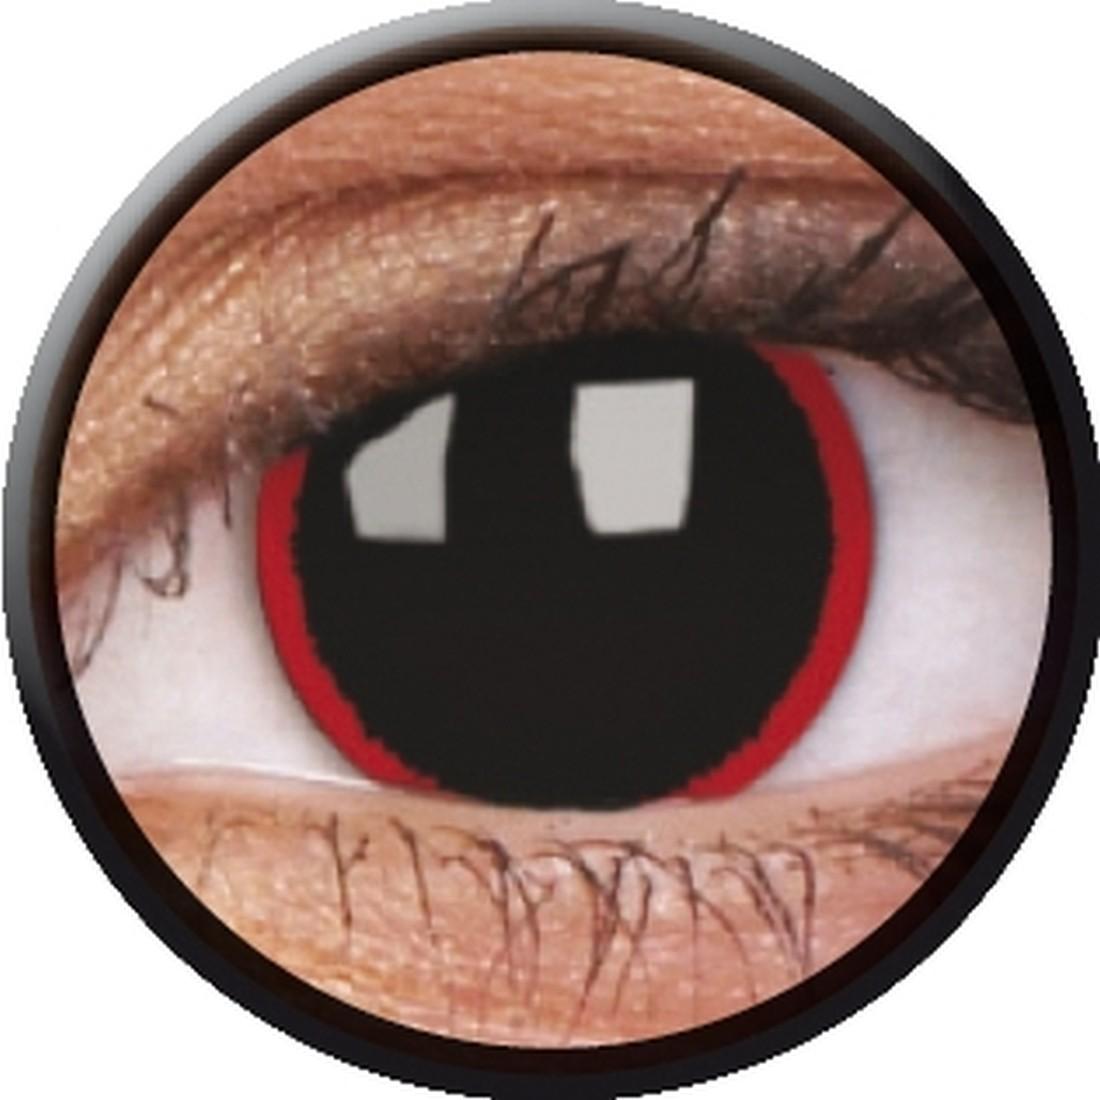 hell raiser kontaktlinsen schwarze farblinsen mit rotem. Black Bedroom Furniture Sets. Home Design Ideas